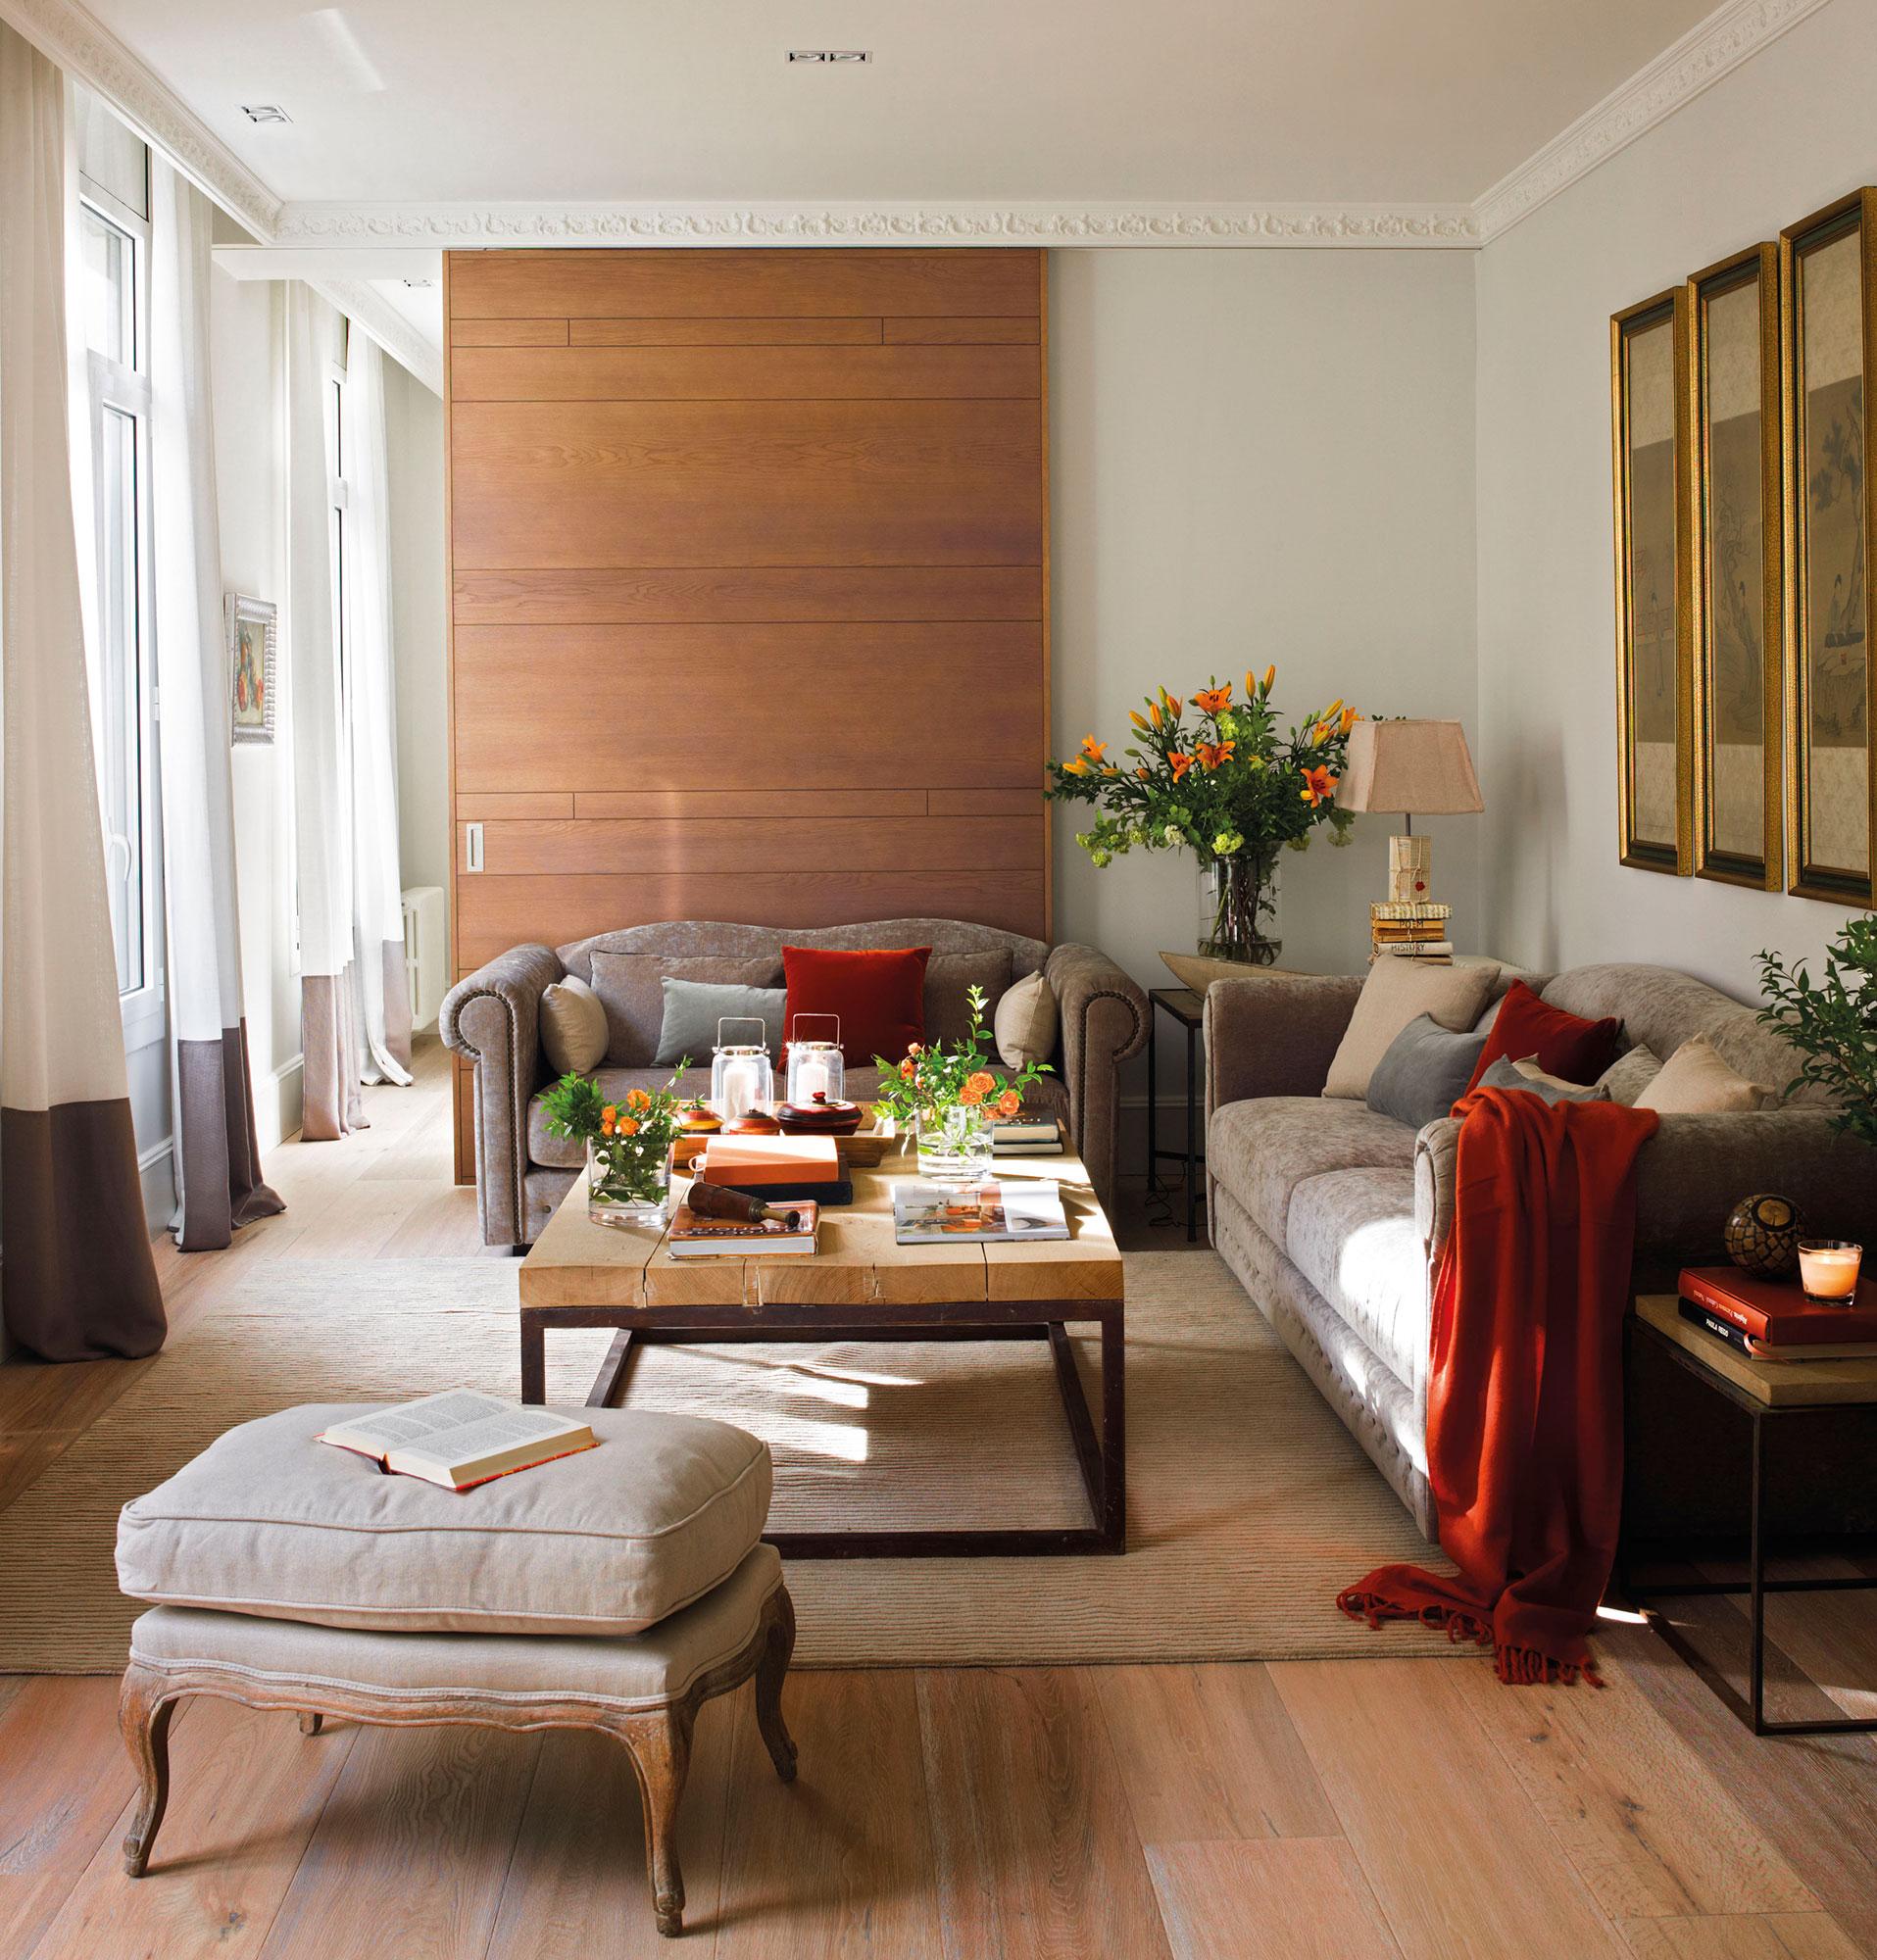 instala una puerta corredera en casa y gana 1 5 m2 reales On salones de pisos decorados